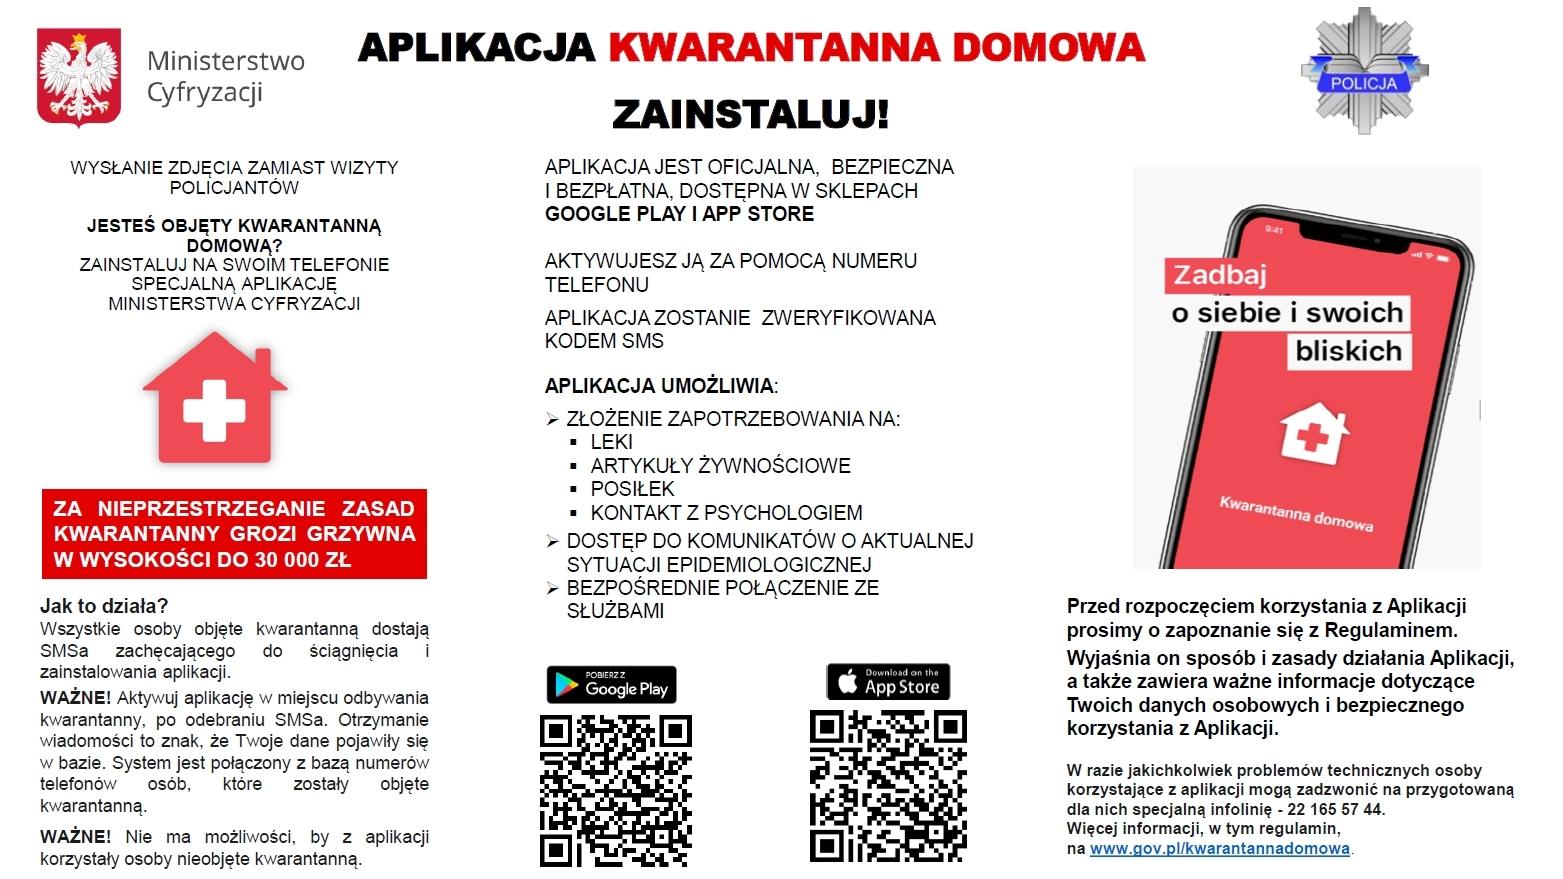 Ulotka informacyjna o aplikacji Kwarantanna domowa